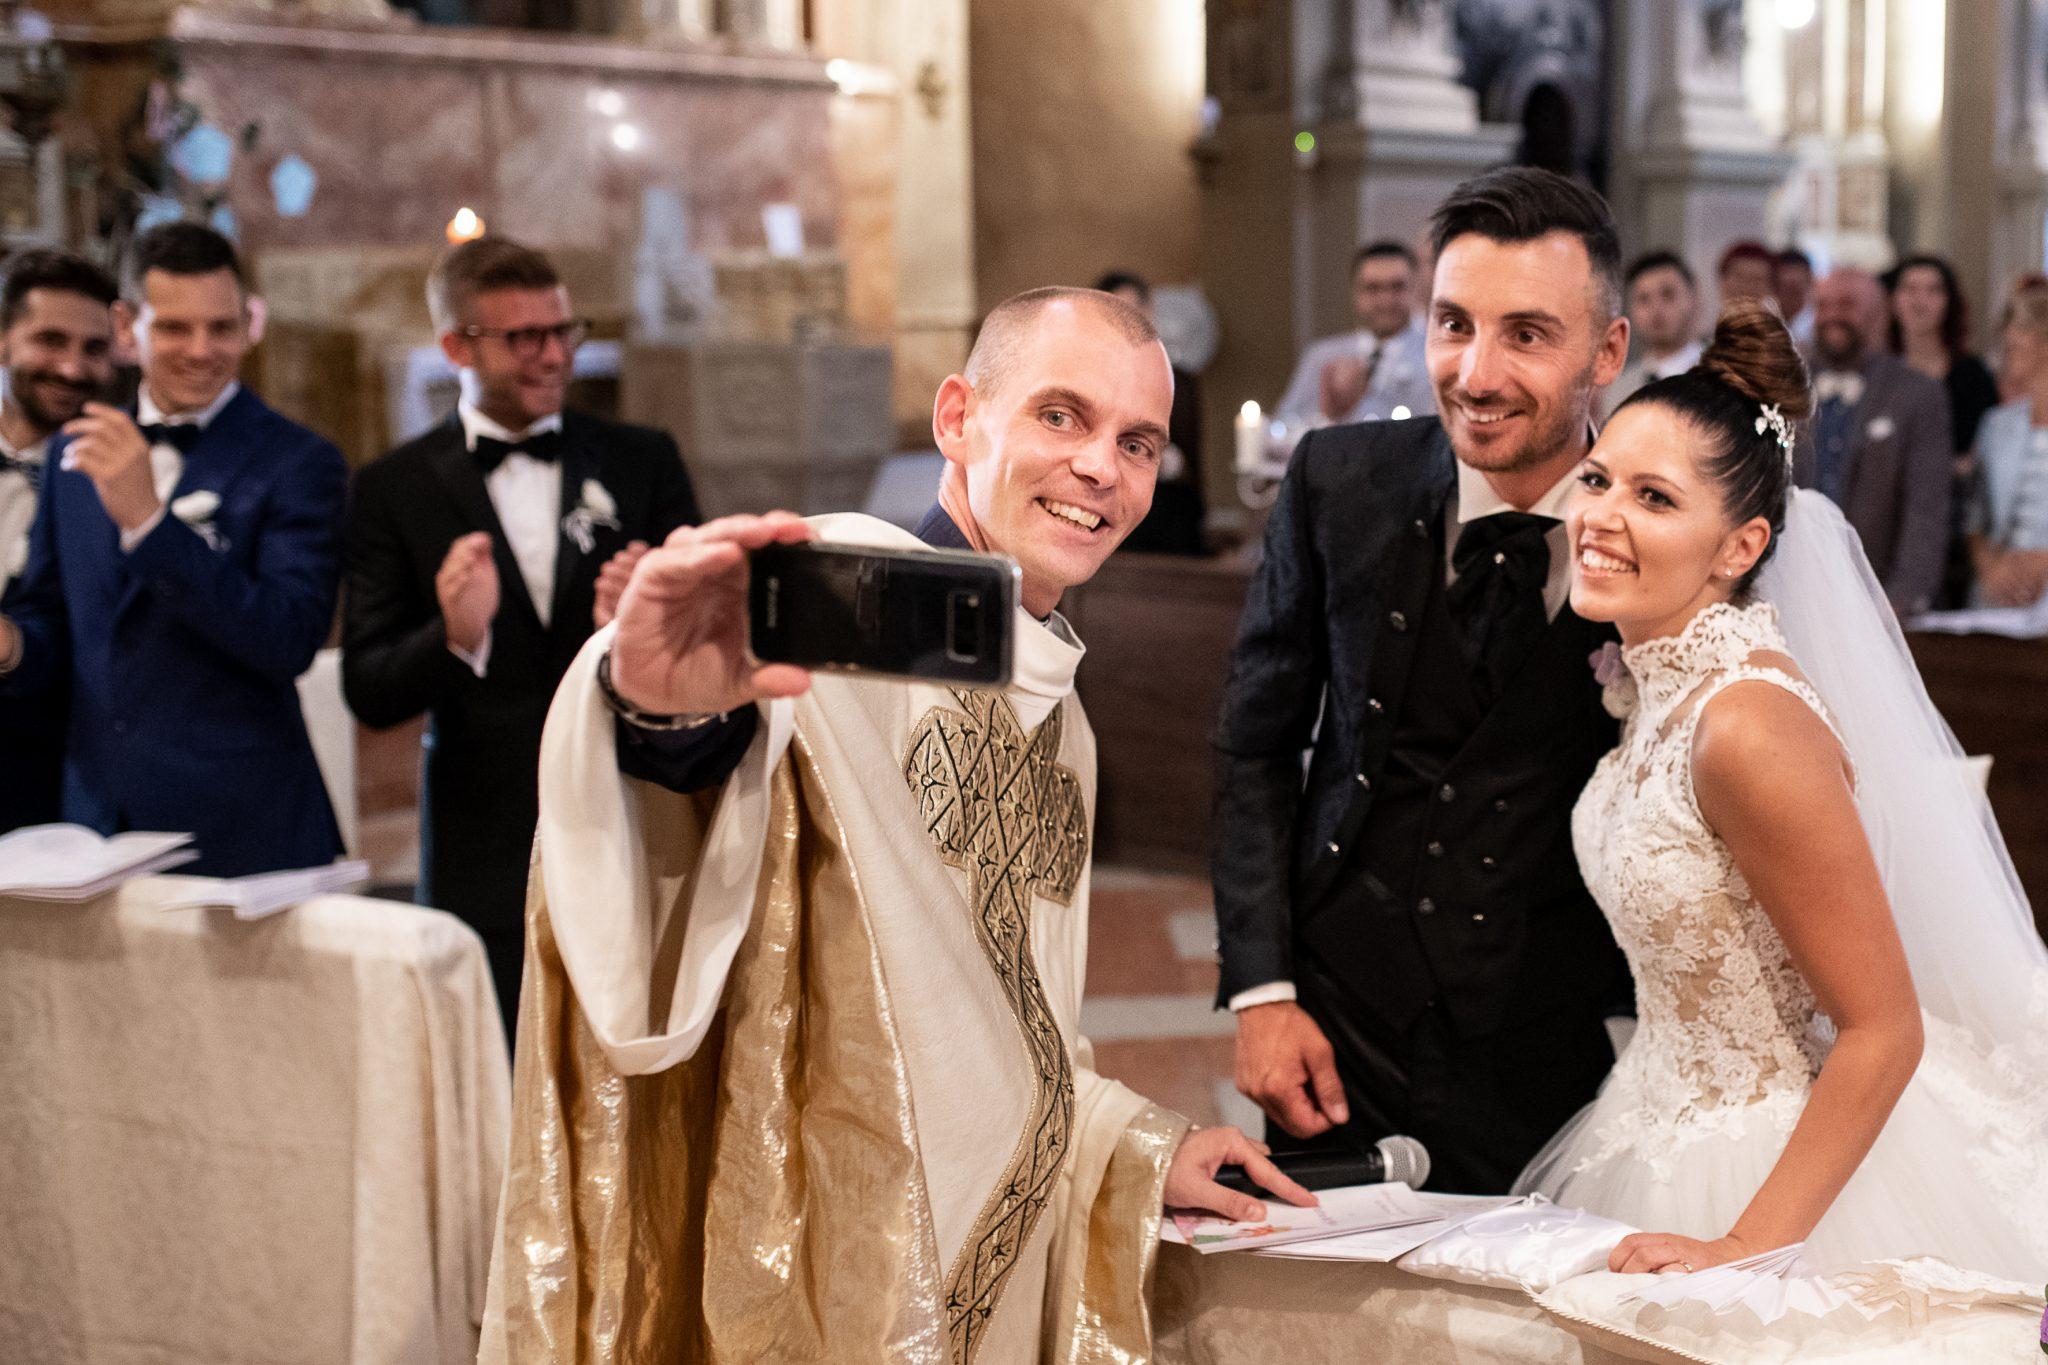 gli sposi insieme al parte si fanno un selfie davanti all'altare in chiesa